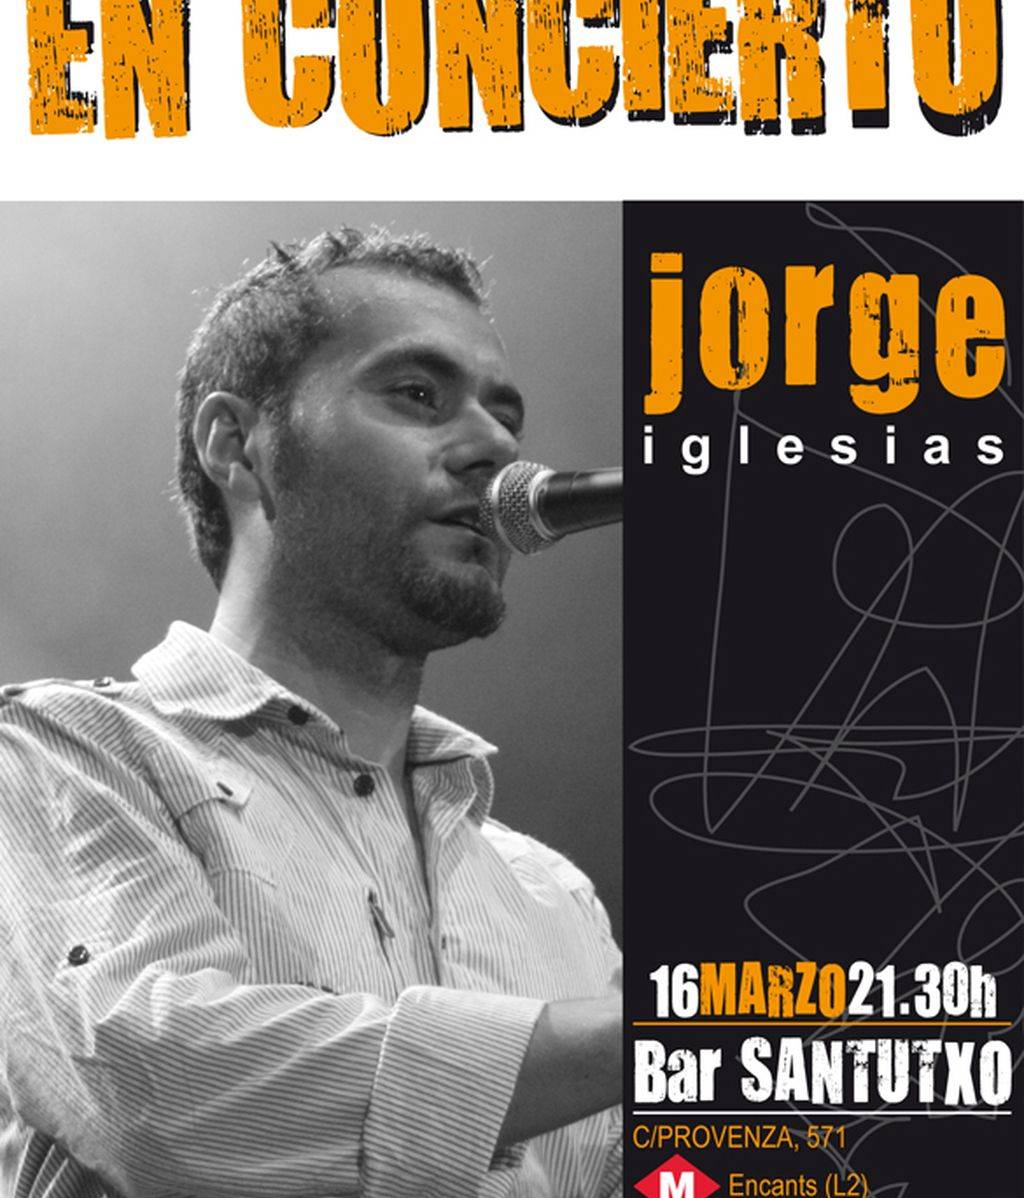 Concierto de Jorge Iglesias en Barcelona